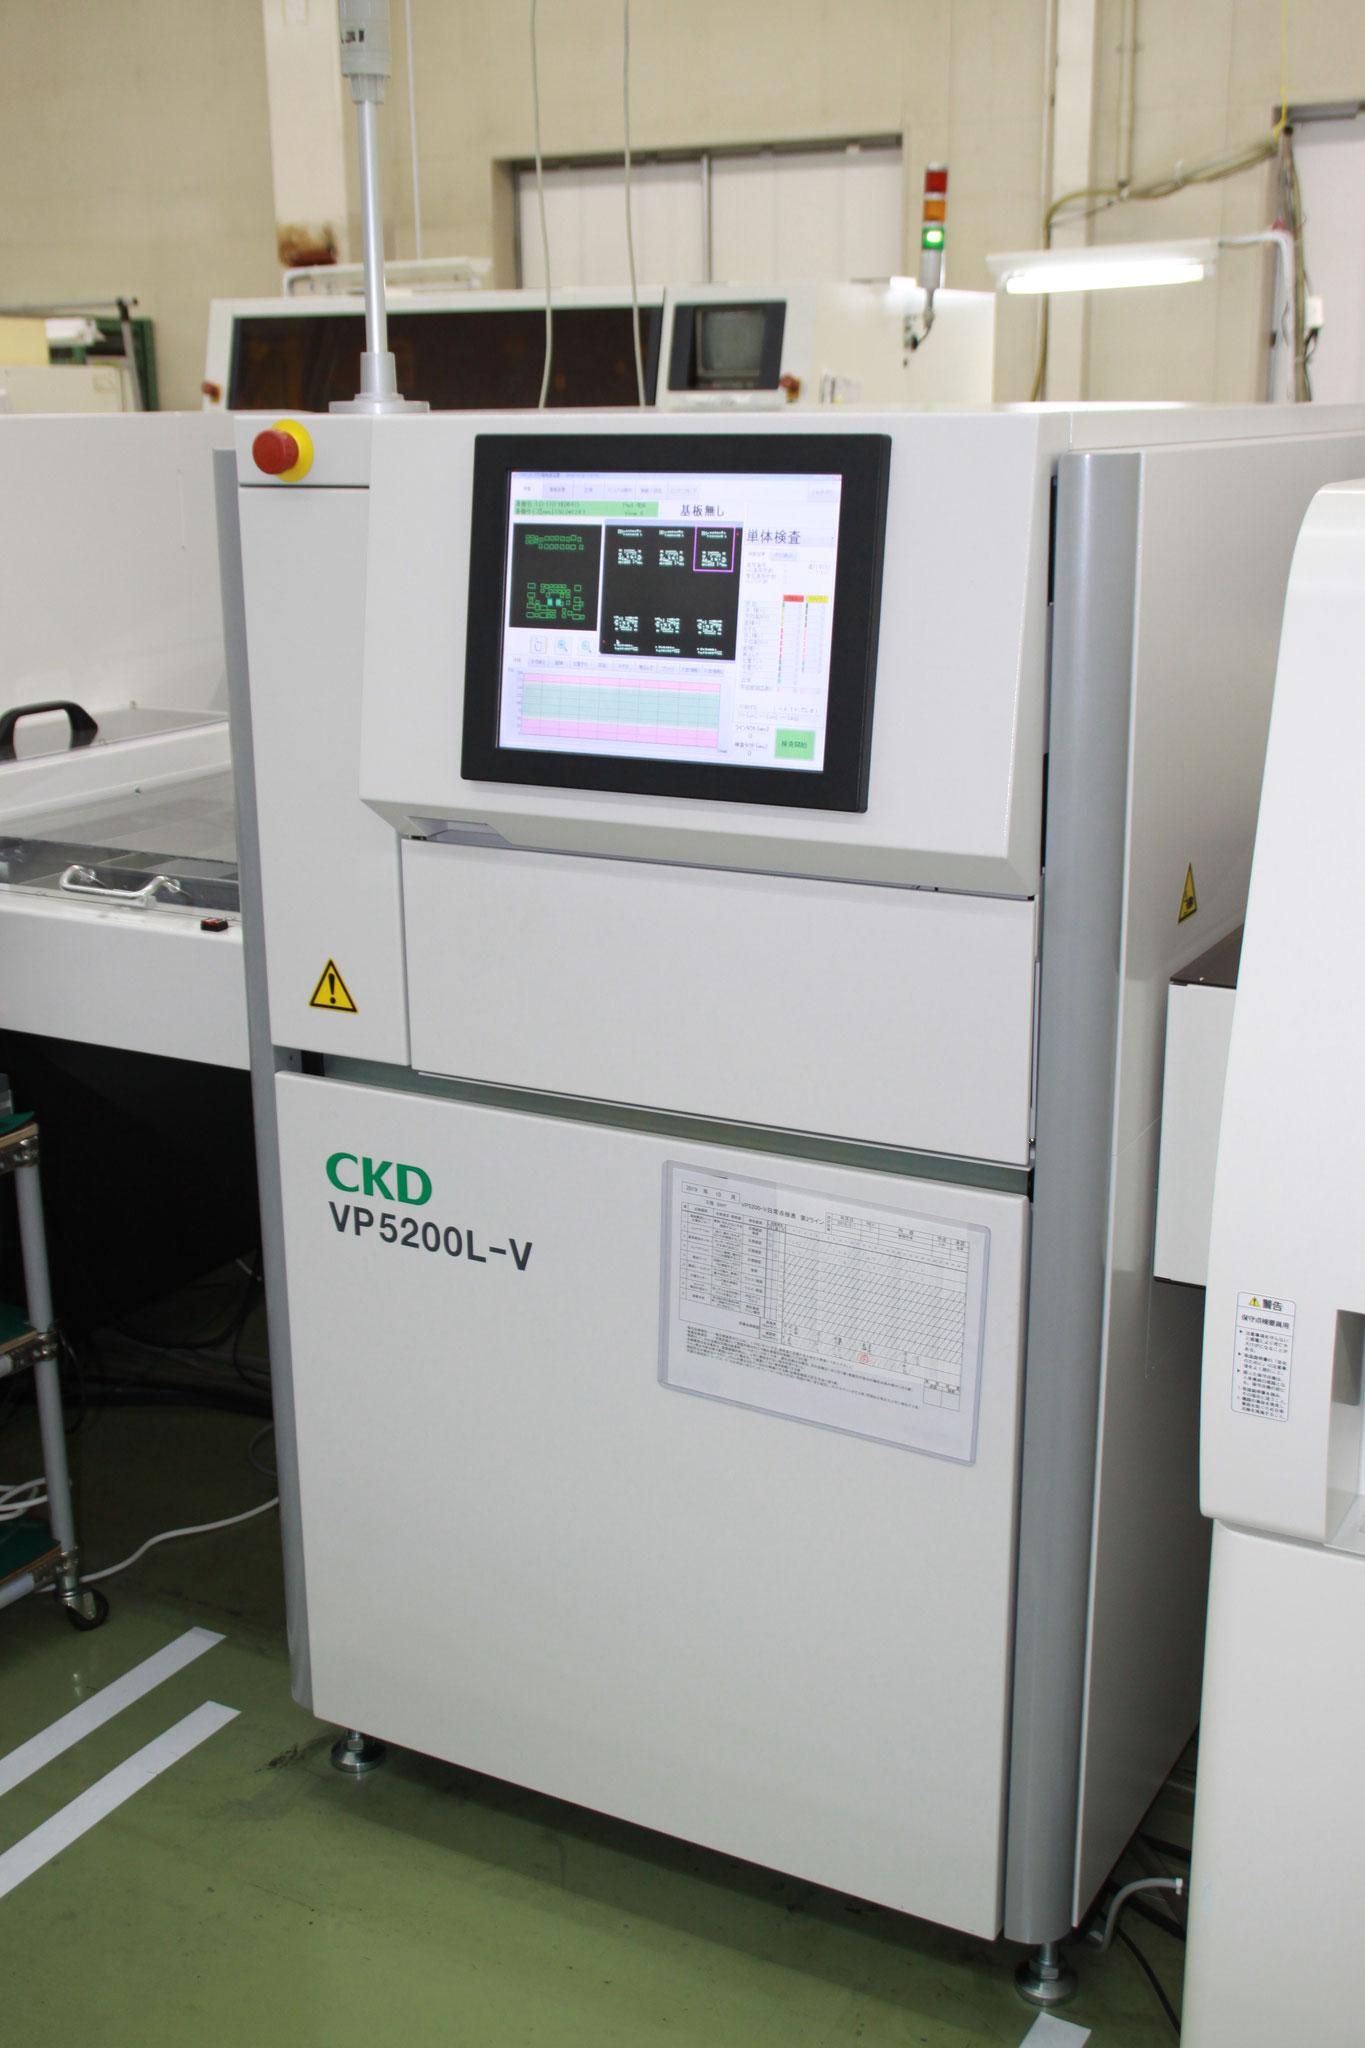 クリーム半田印刷検査機 CKD製 VP5200L-V